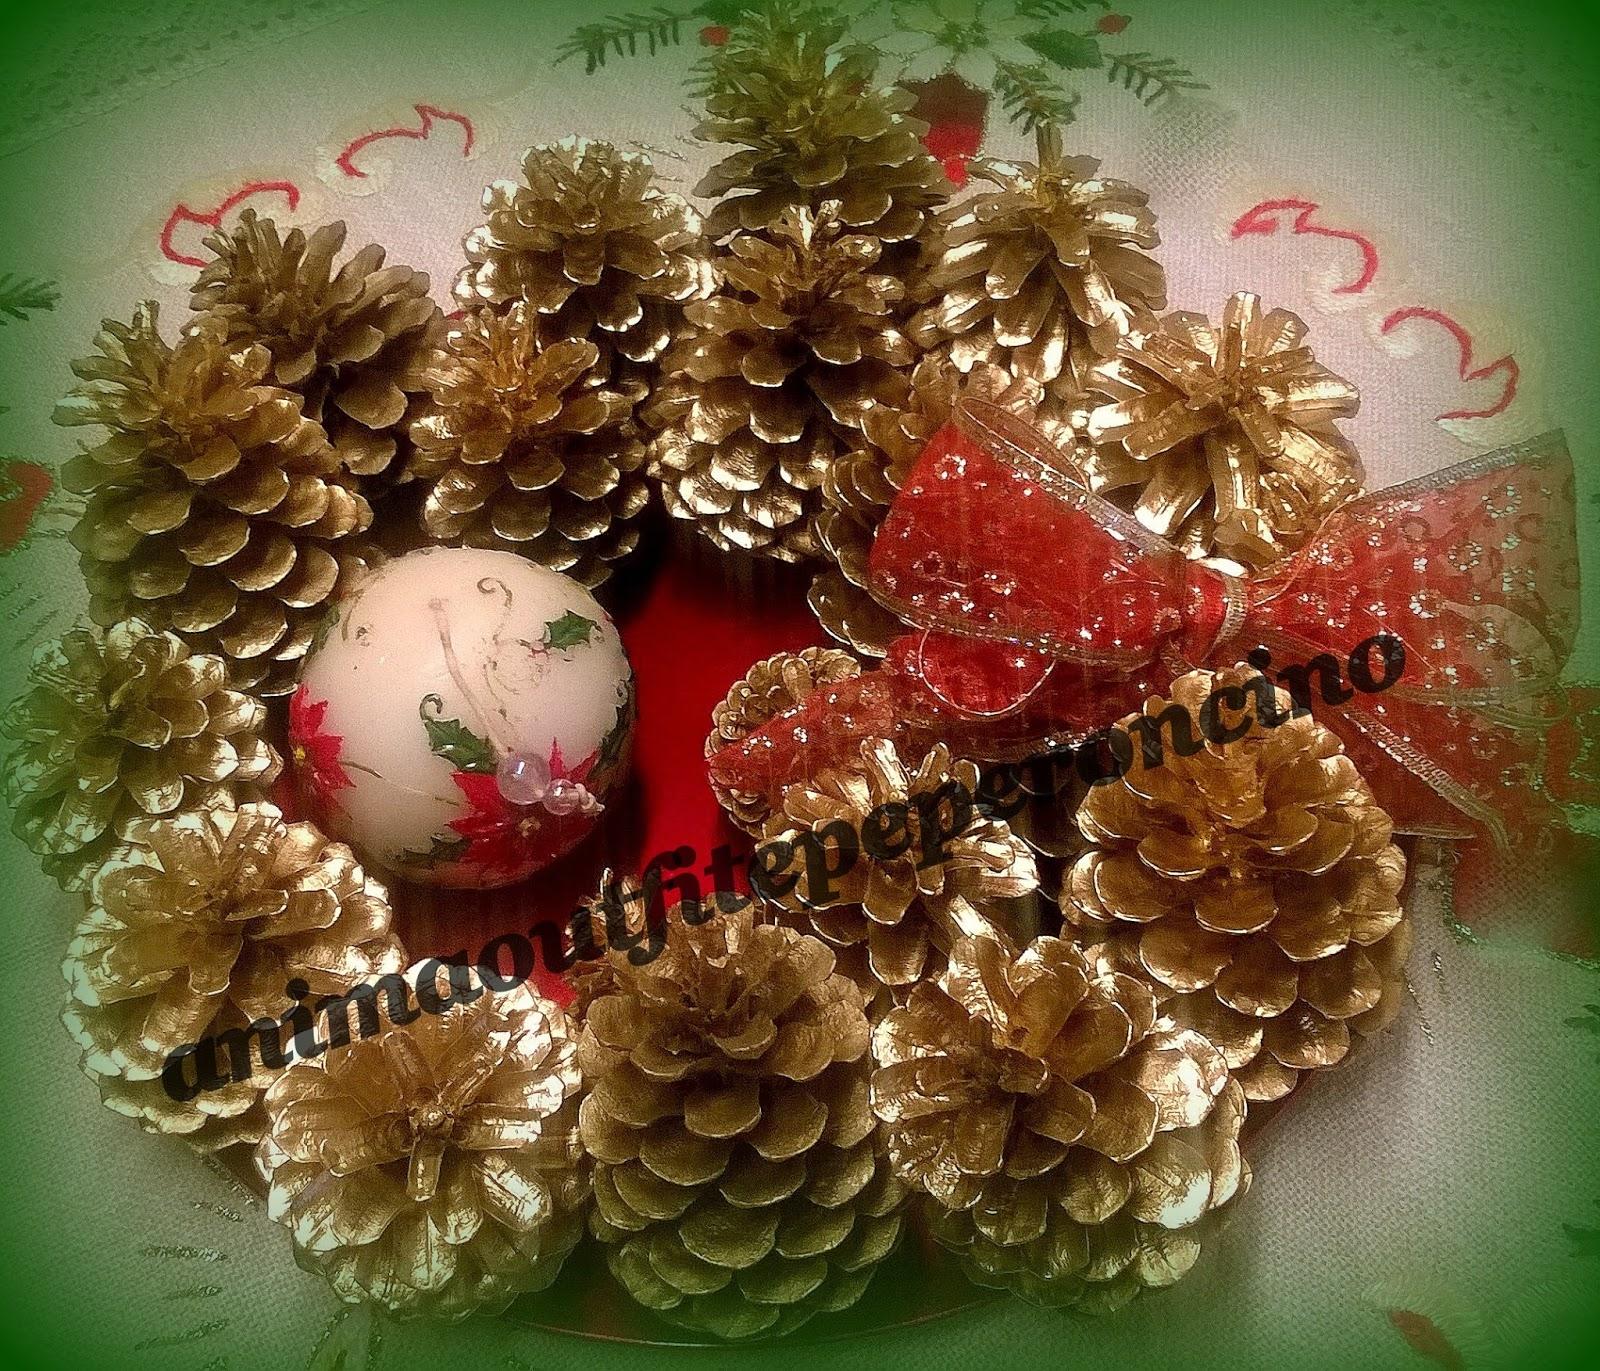 Anima outfit e peperoncino diy centrotavola natalizio - Centro tavola natalizio con pigne ...